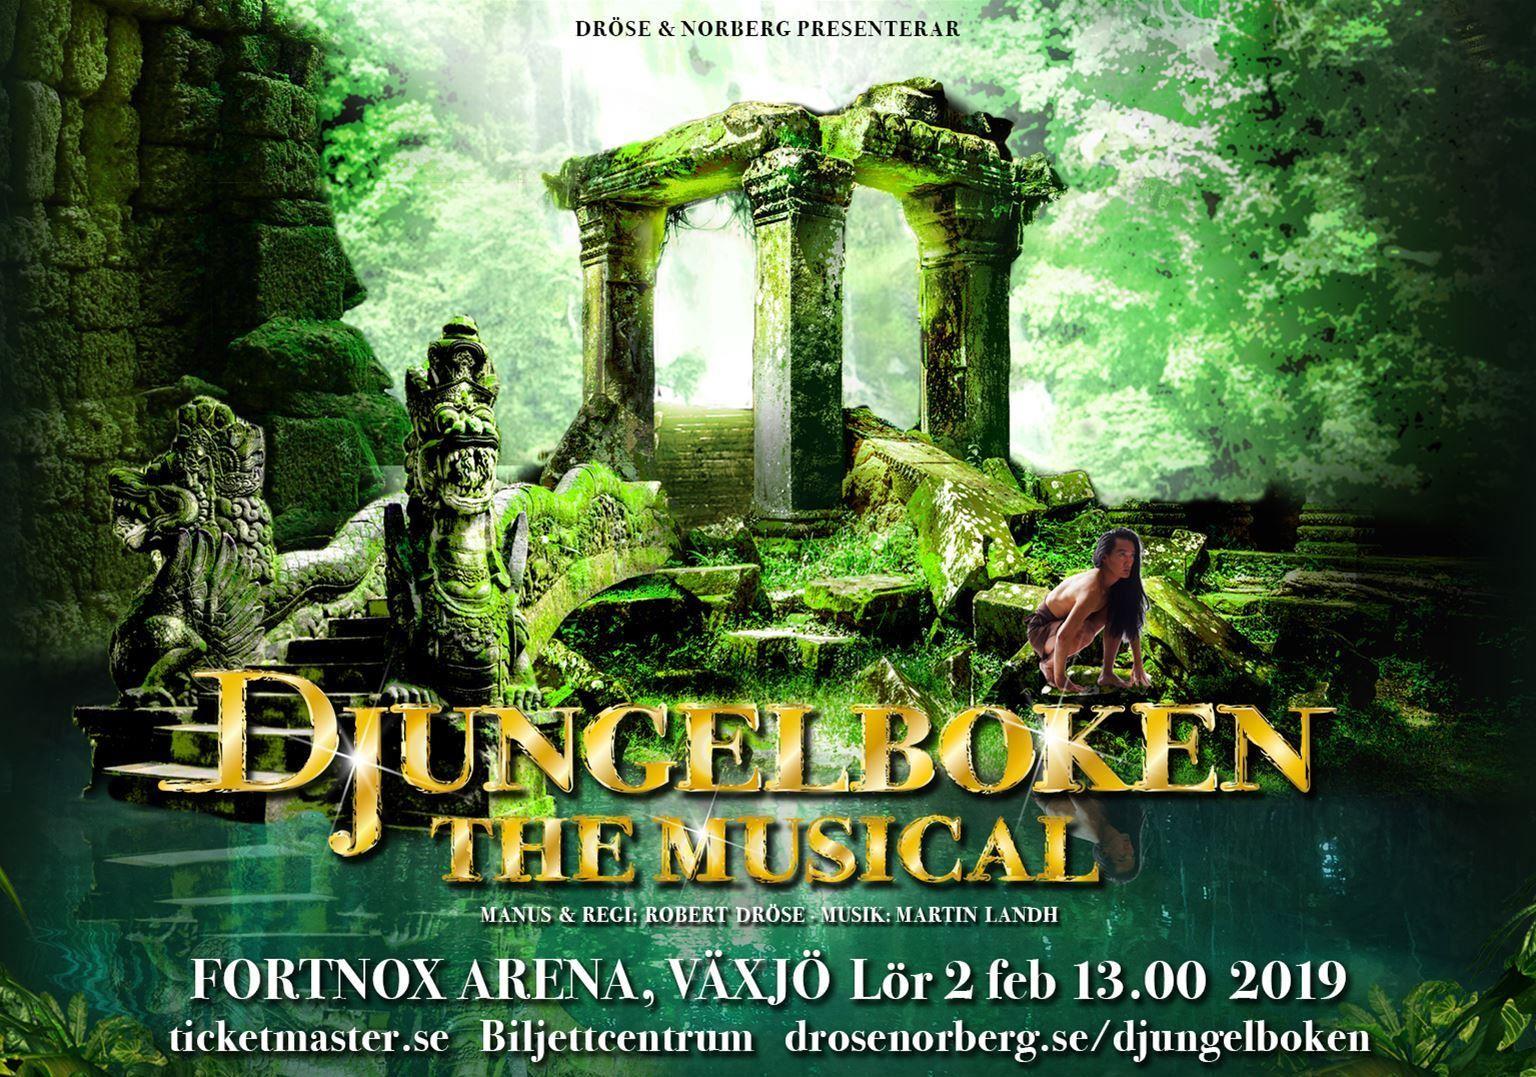 Musik: Djungelboken - the musical